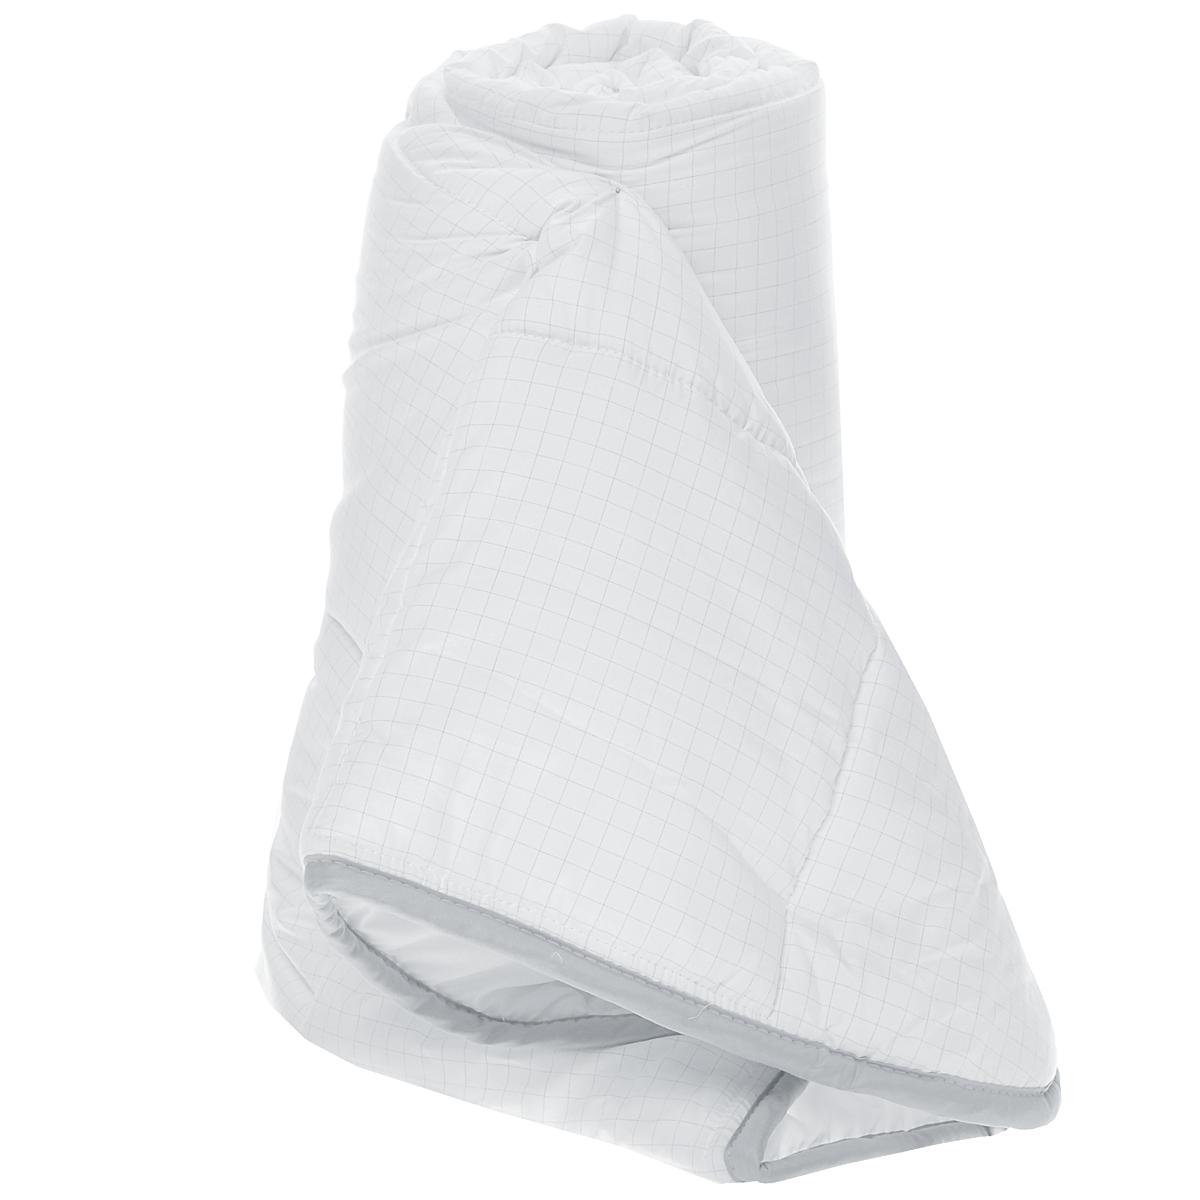 Одеяло легкое Comfort Line Антистресс, наполнитель: полиэстер, 172 см х 205 см174353Легкое одеяло Comfort Line Антистресс подарит незабываемое чувство комфорта и уюта во время сна. Одеяло выполнено по инновационной технологии с применением карбоновой нити, которая способна снимать и отводить статическое напряжение. При уменьшении статического электричества качество сна увеличивается, вы почувствуете себя более отдохнувшим и снявшим стресс. Идеально подойдет людям, которые много времени проводят на работе, подвержены стрессу и заботятся о своем здоровье. Изделие также отлично отводит и испаряет влагу. Одеяло упаковано в пластиковую сумку-чехол, закрывающуюся на застежку-молнию. Рекомендации по уходу: - Можно стирать в стиральной машине при температуре не выше 30°С. - Не отбеливать. - Не гладить. - Нельзя отжимать и сушить в стиральной машине. - Химчистка с мягким растворителем. - Сушить вертикально. Материал чехла: микрофибра (99,4% полиэстер, 0,6% карбон). Наполнитель: полиэстеровое волокно (100%...